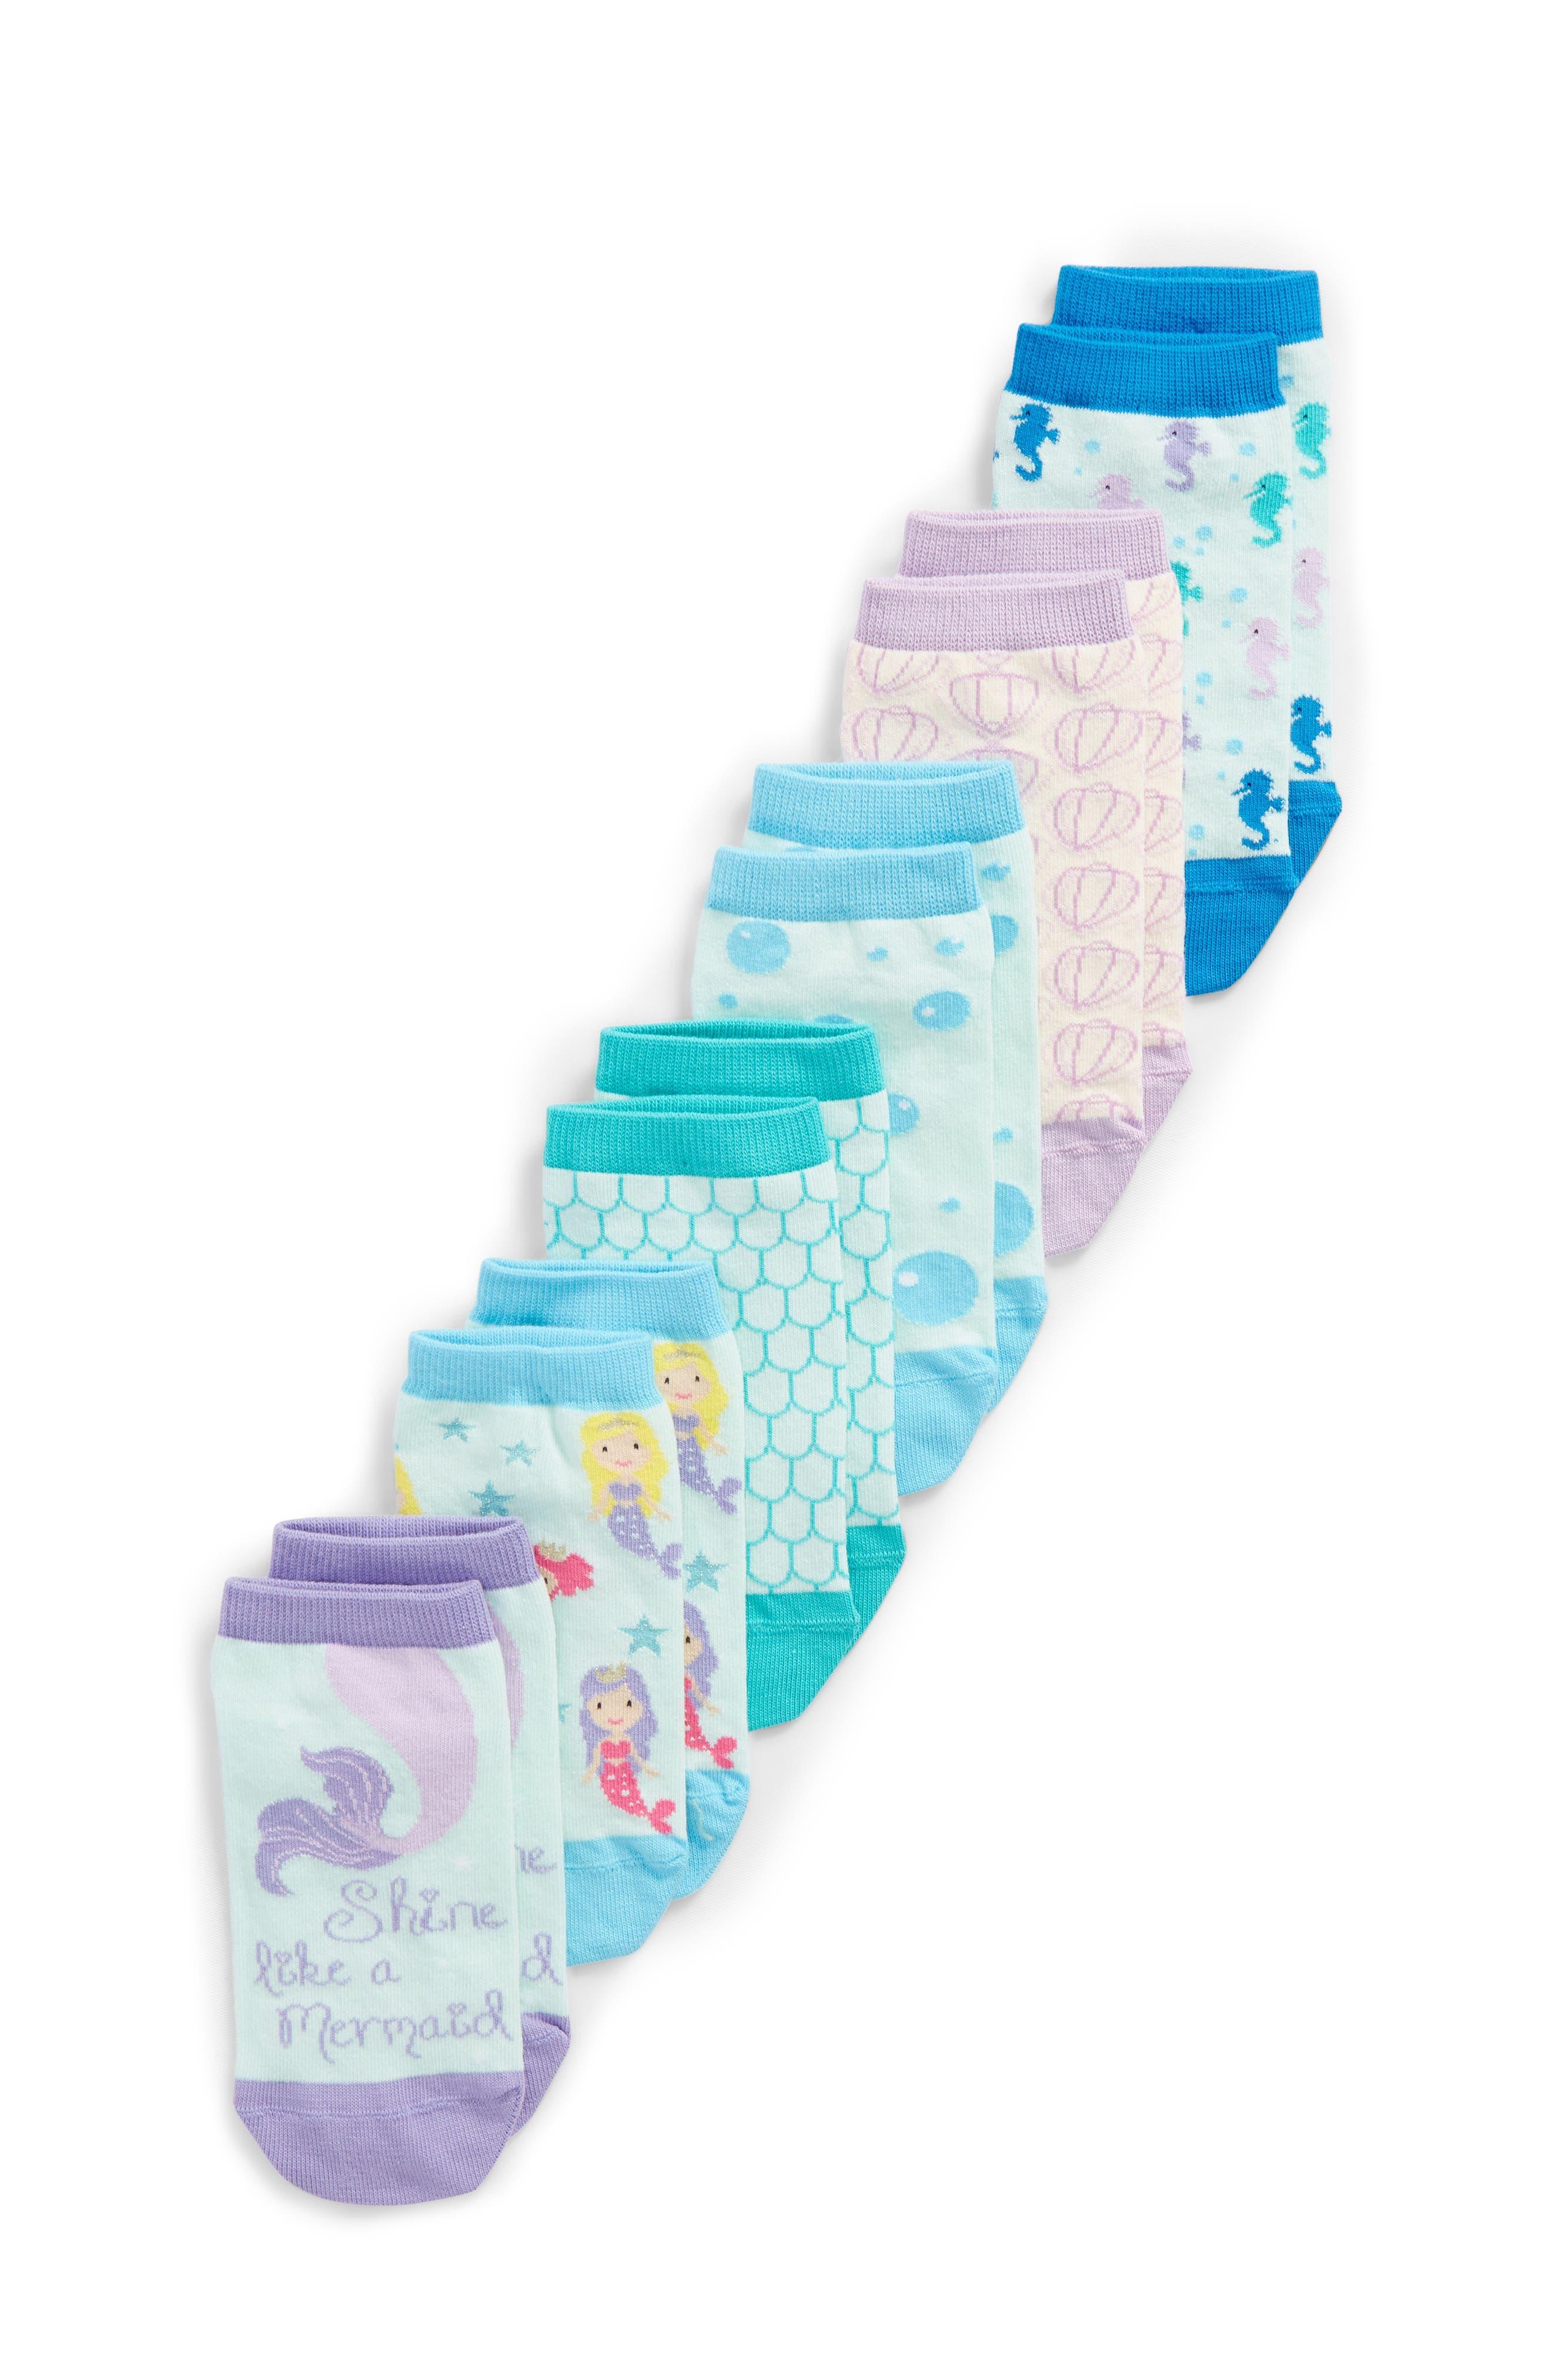 6-Pack Mermaid Low Cut Socks,                         Main,                         color, 404